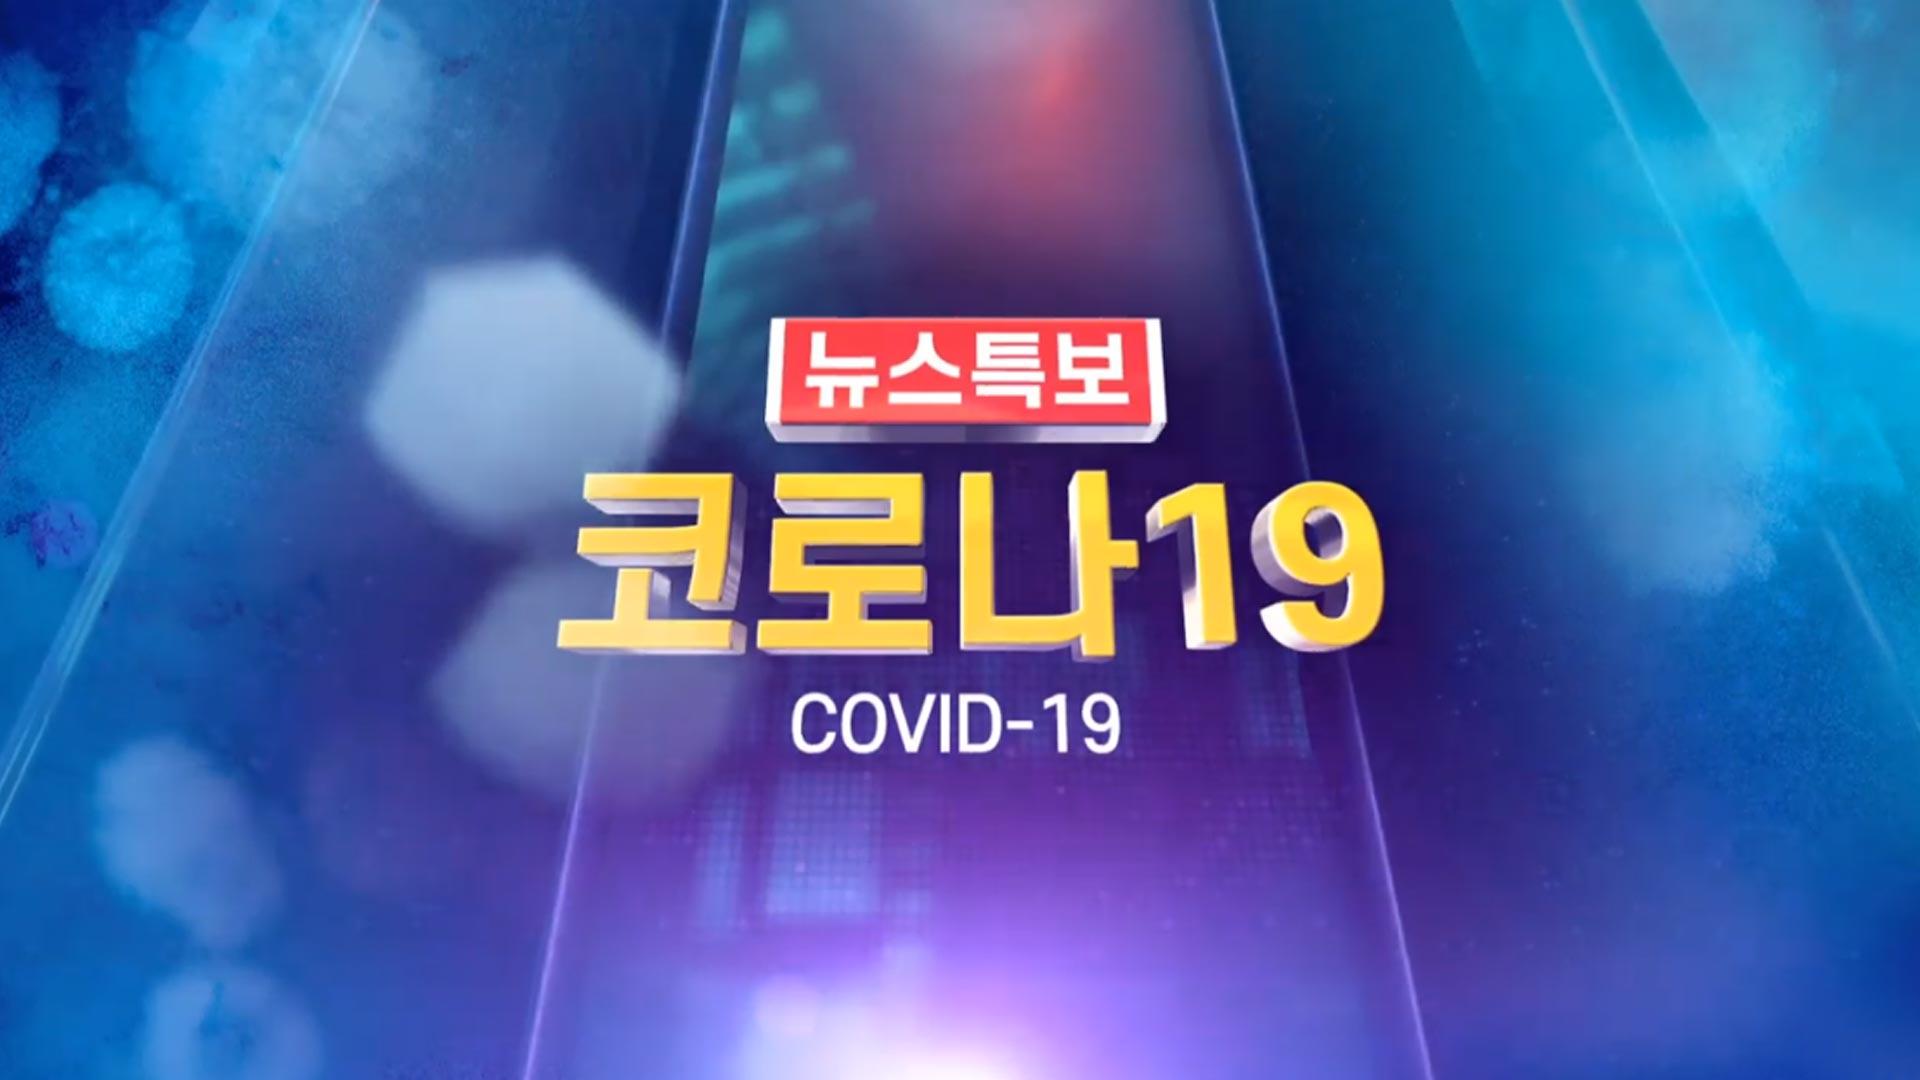 뉴스특보-코로나19